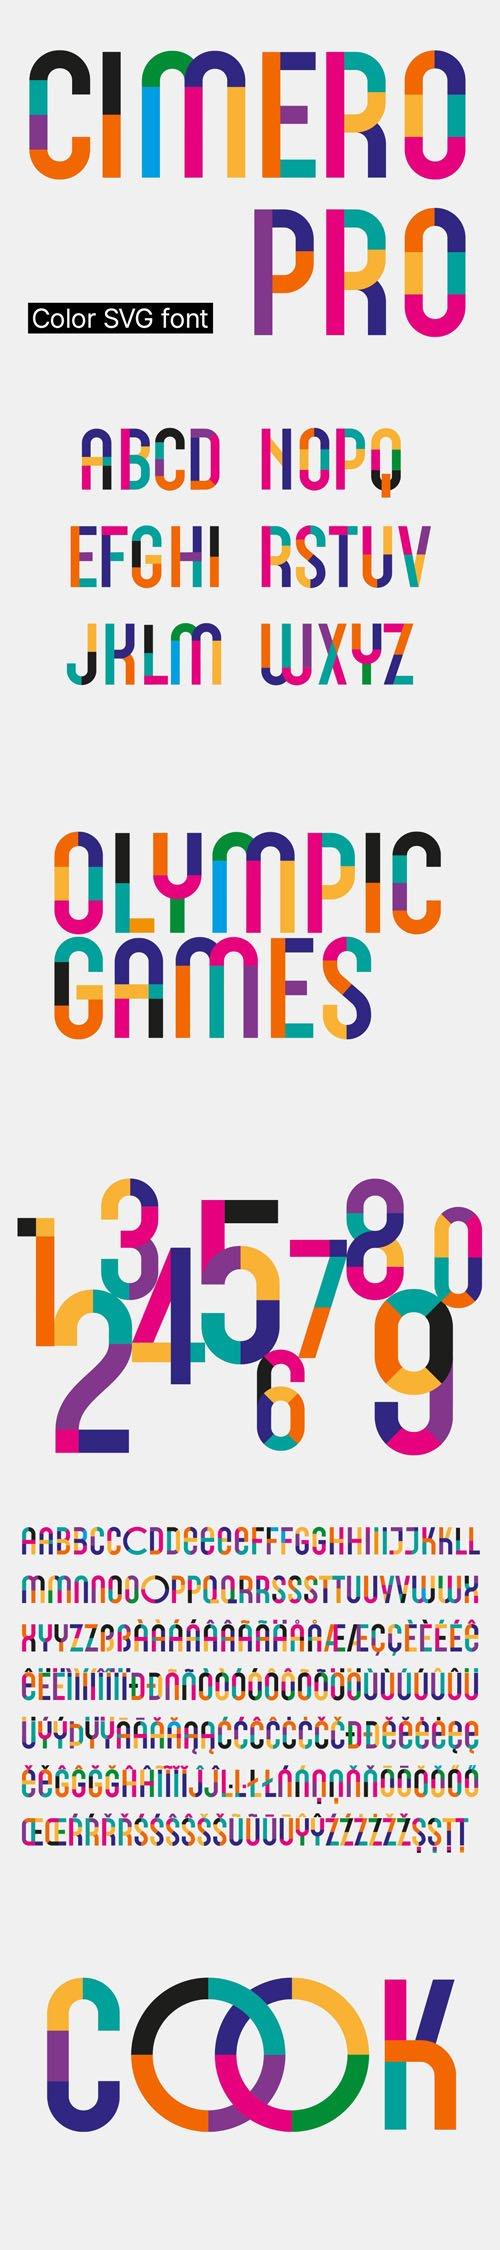 Cimero Pro - Color SVG Font